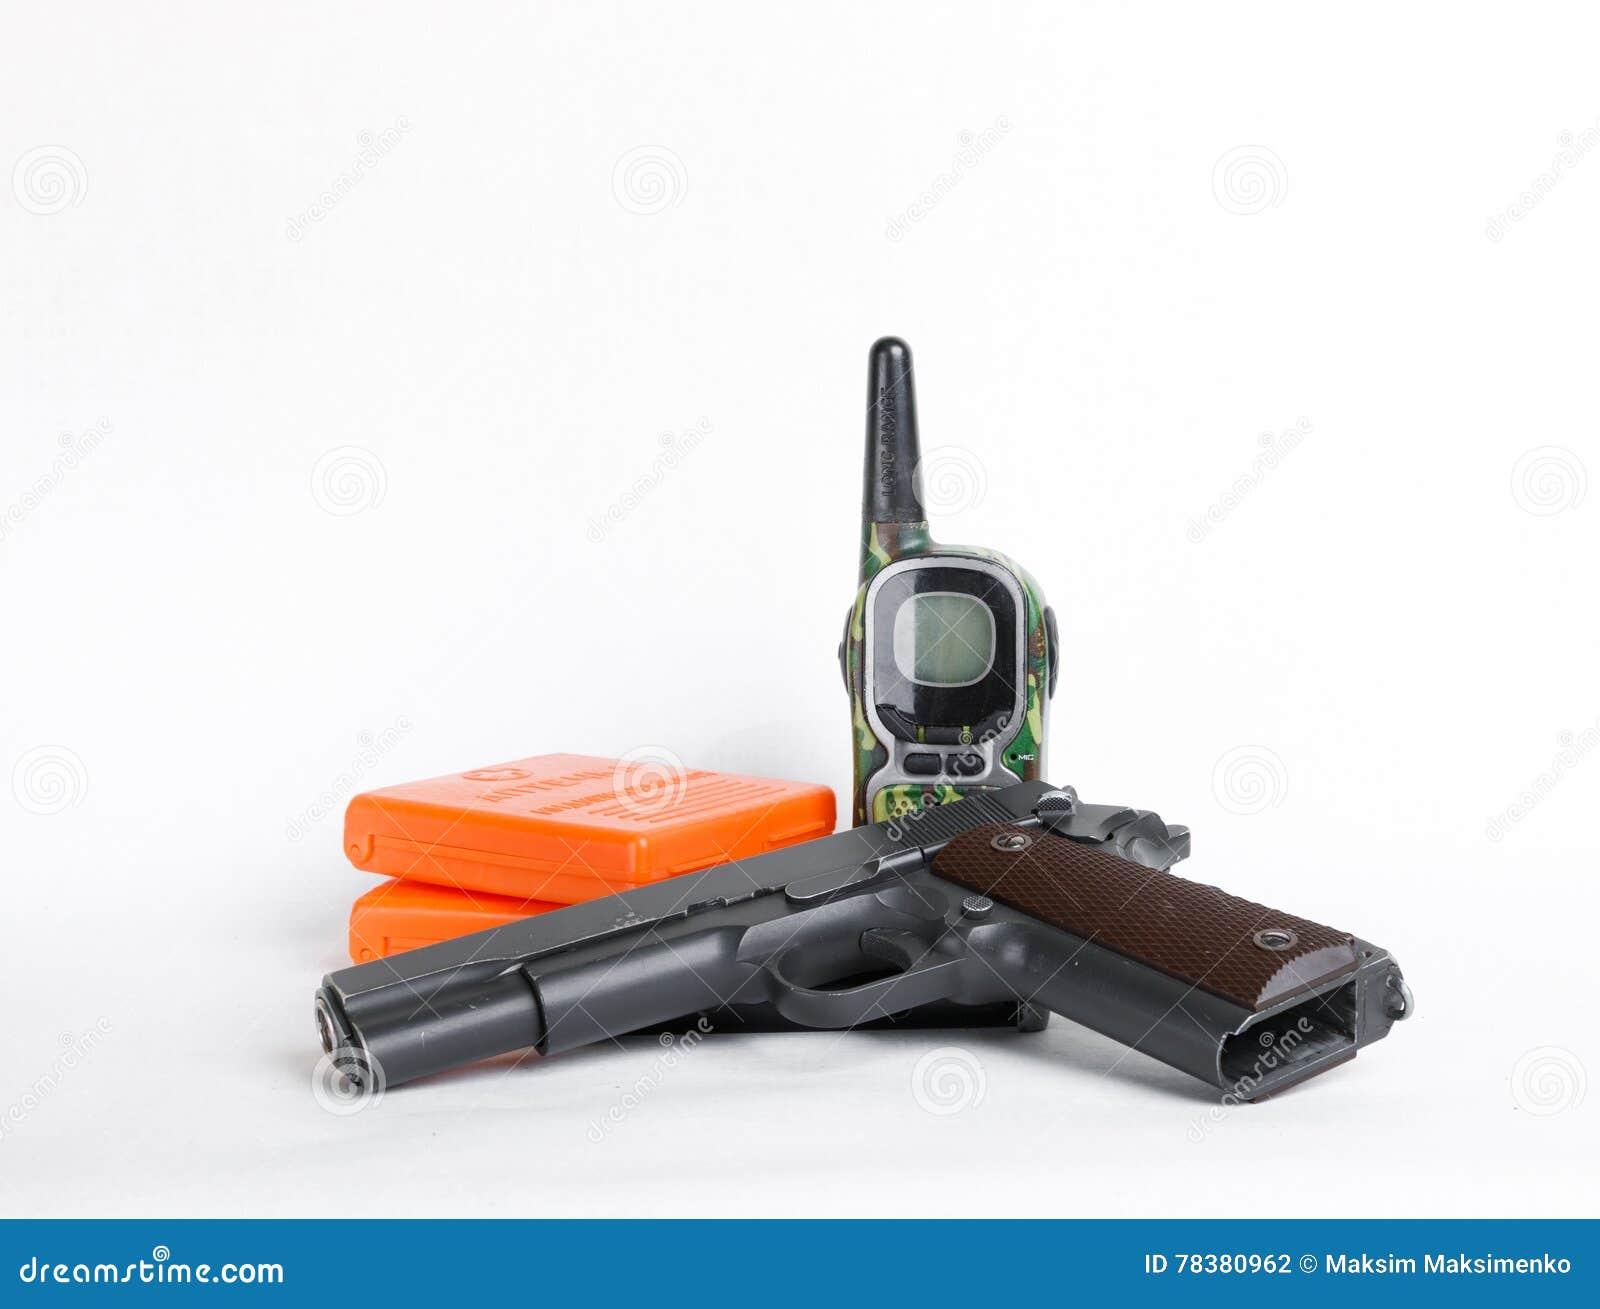 Military Kit, Gun And Radio Set On White Background Stock Photo